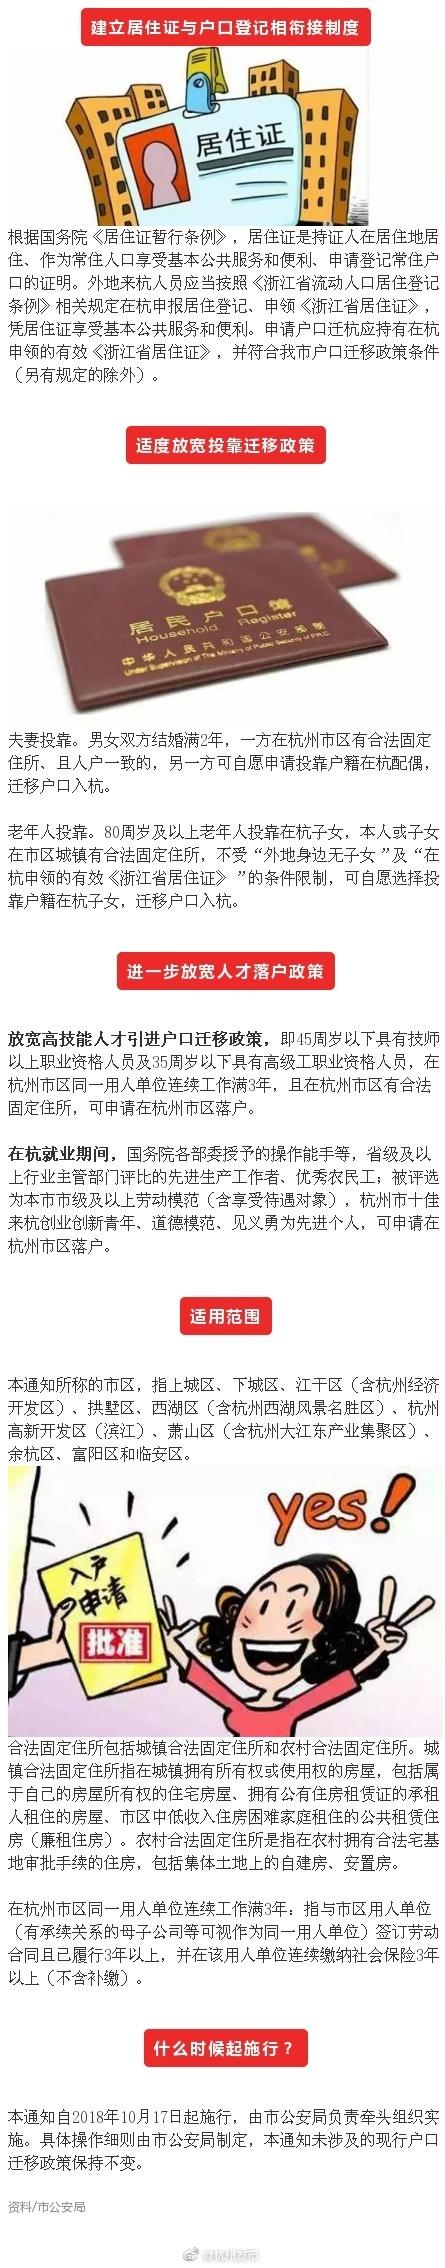 杭州落户政策将调整:两类投靠迁移政策适度放宽_1